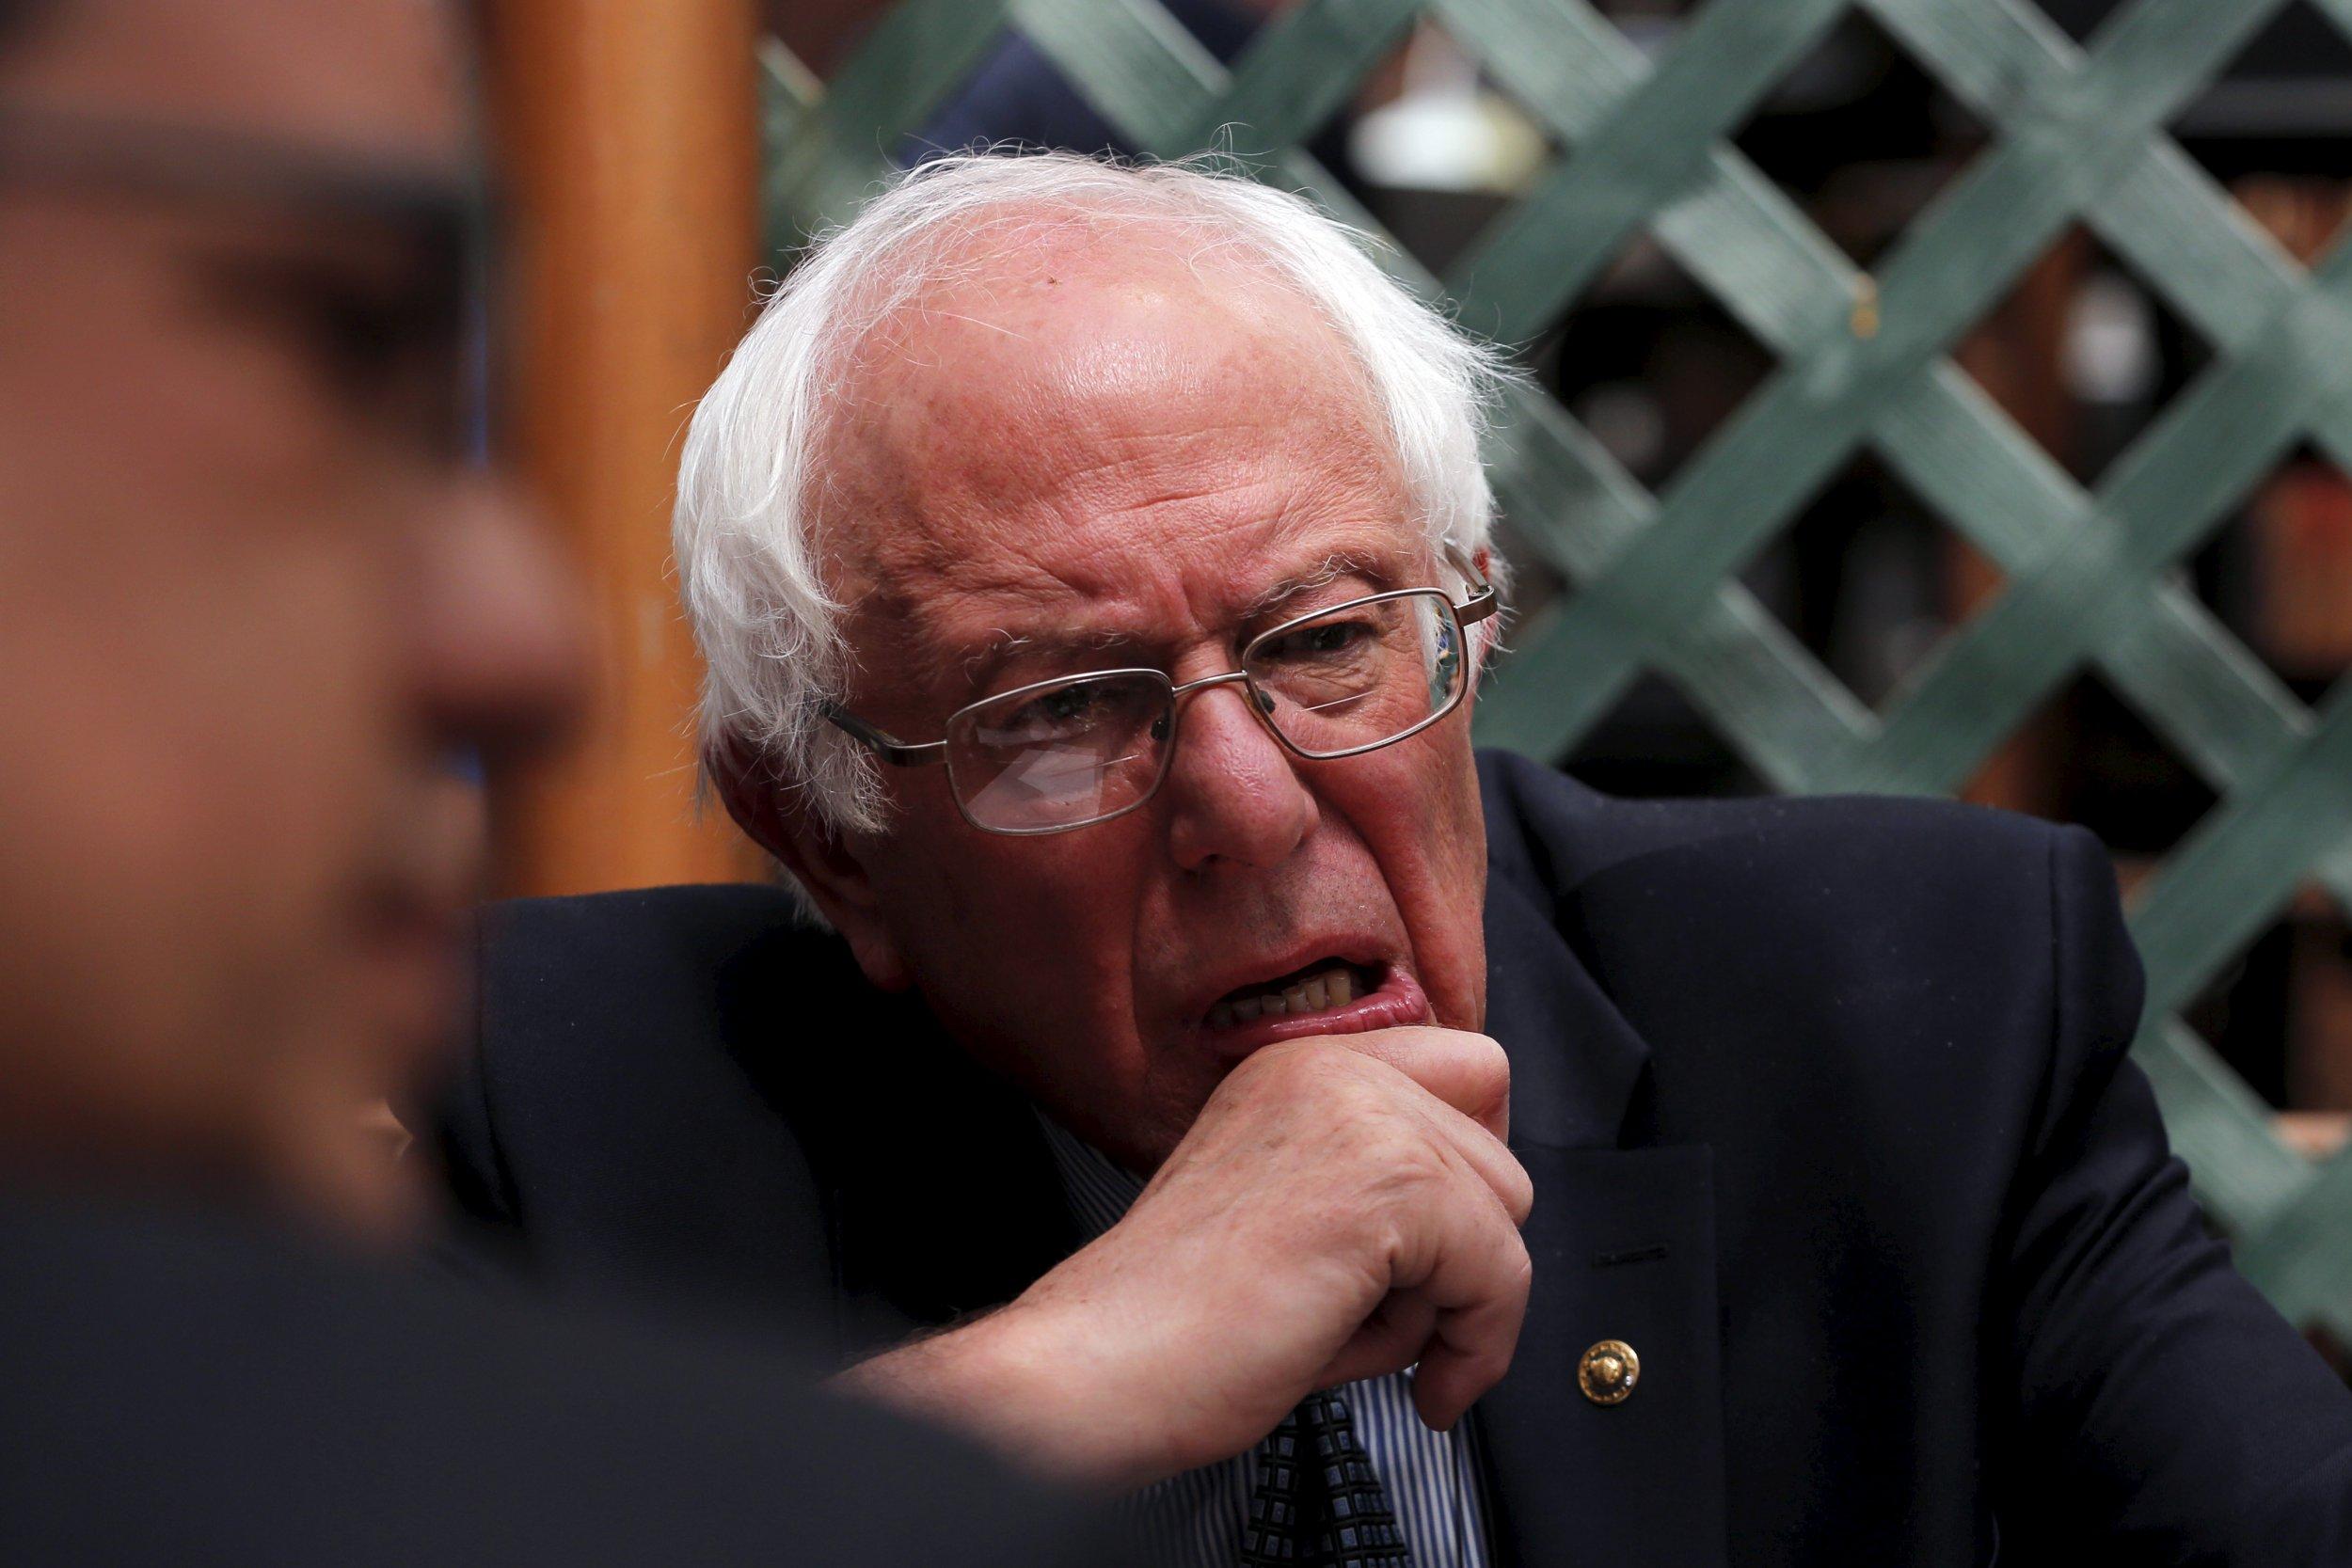 04_18_Bernie_Sanders_01